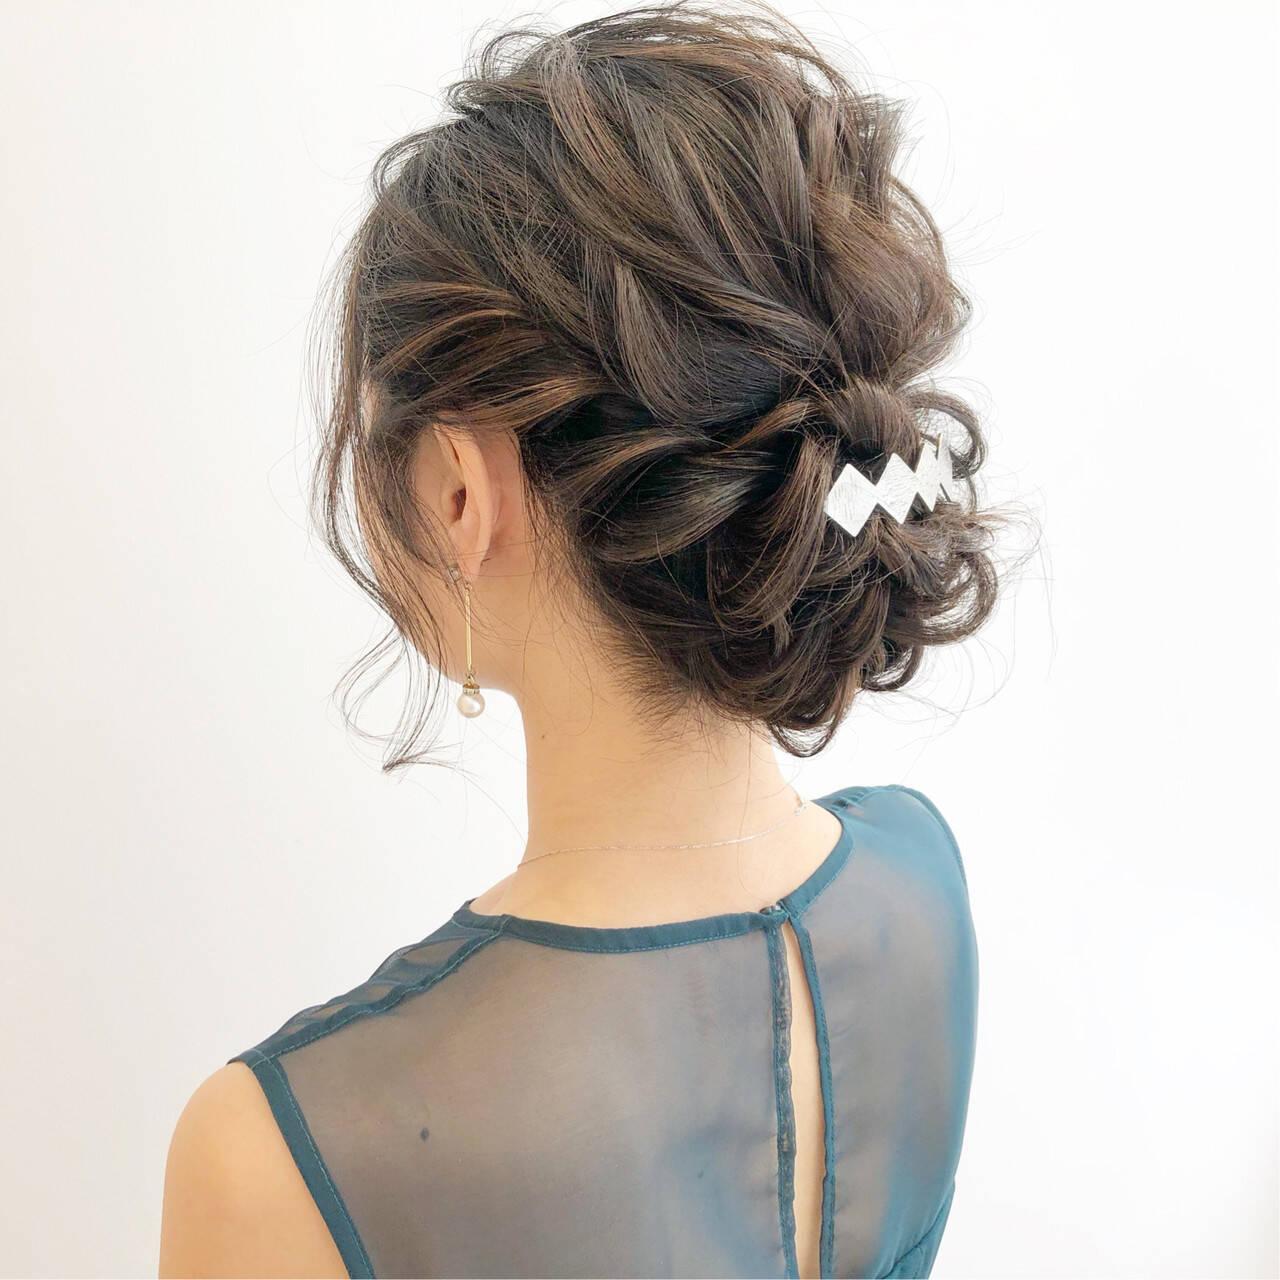 オフィス 簡単ヘアアレンジ 結婚式 セミロングヘアスタイルや髪型の写真・画像